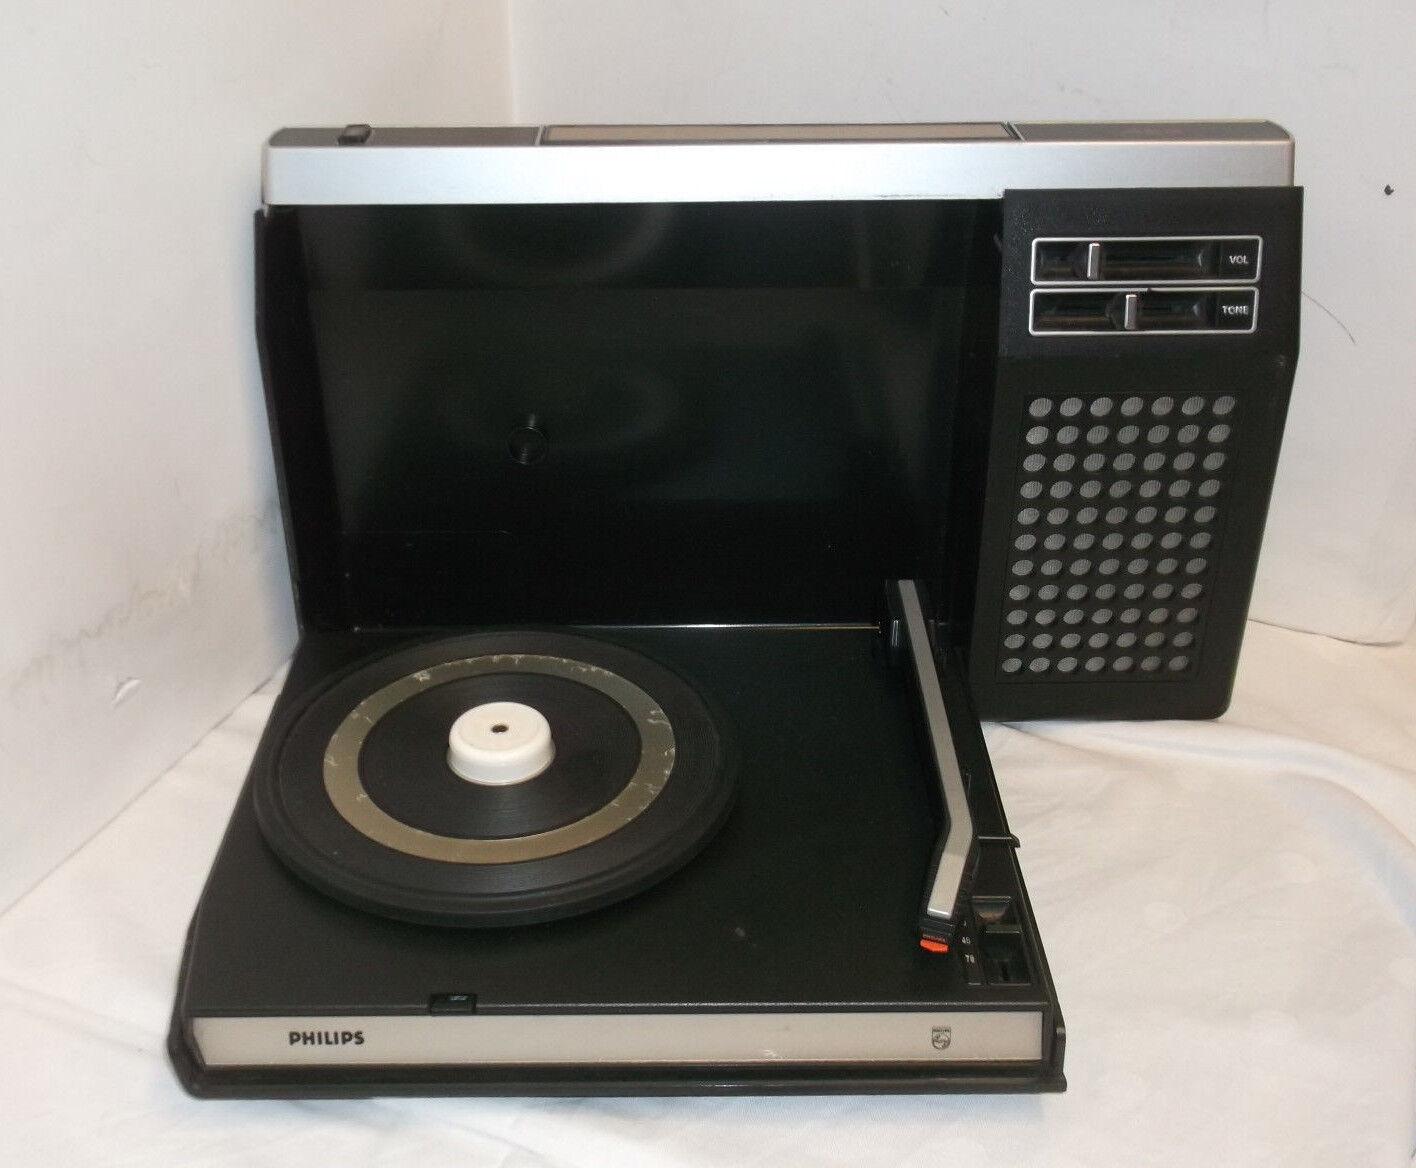 60 Años 70 Philips Placa Giratoria Portable Funciona con Baterías Vintage 401